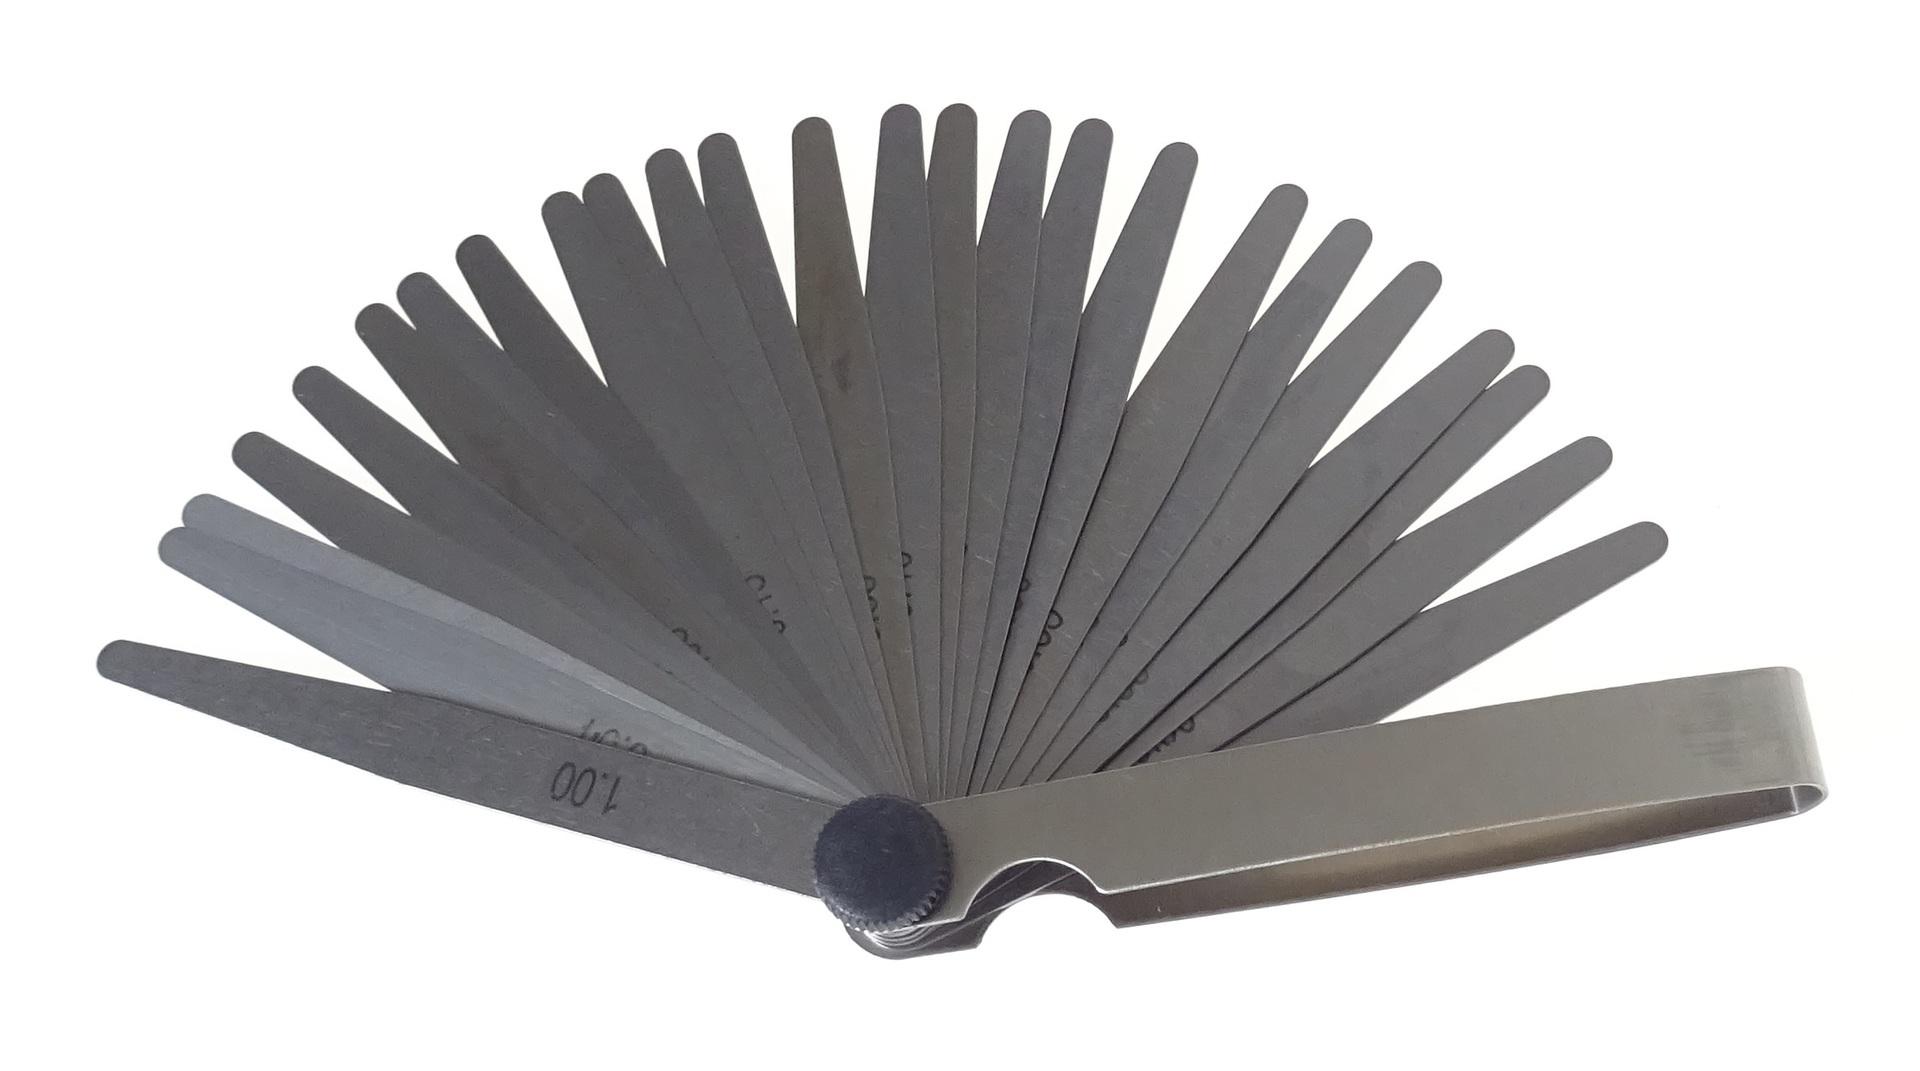 Ventilové (spárové) měrky, 25 kusů - QUATROS QS15516